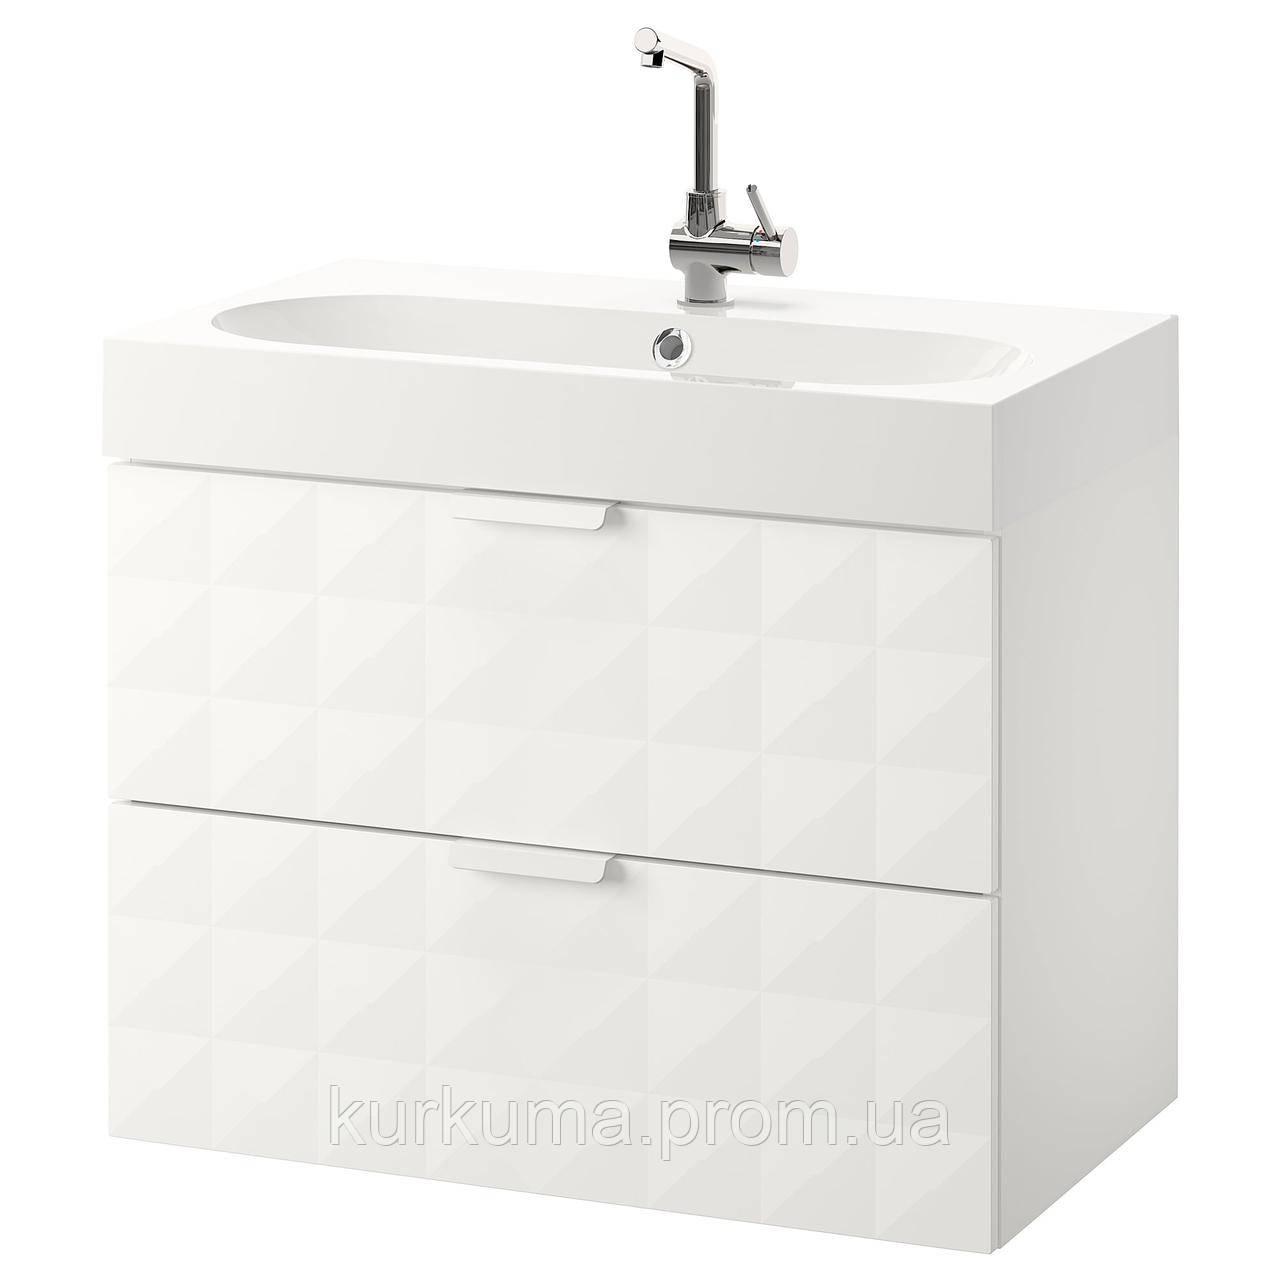 IKEA GODMORGON/BRAVIKEN Шкаф под умывальник с раковиной, Ресжöн белый  (892.473.38)